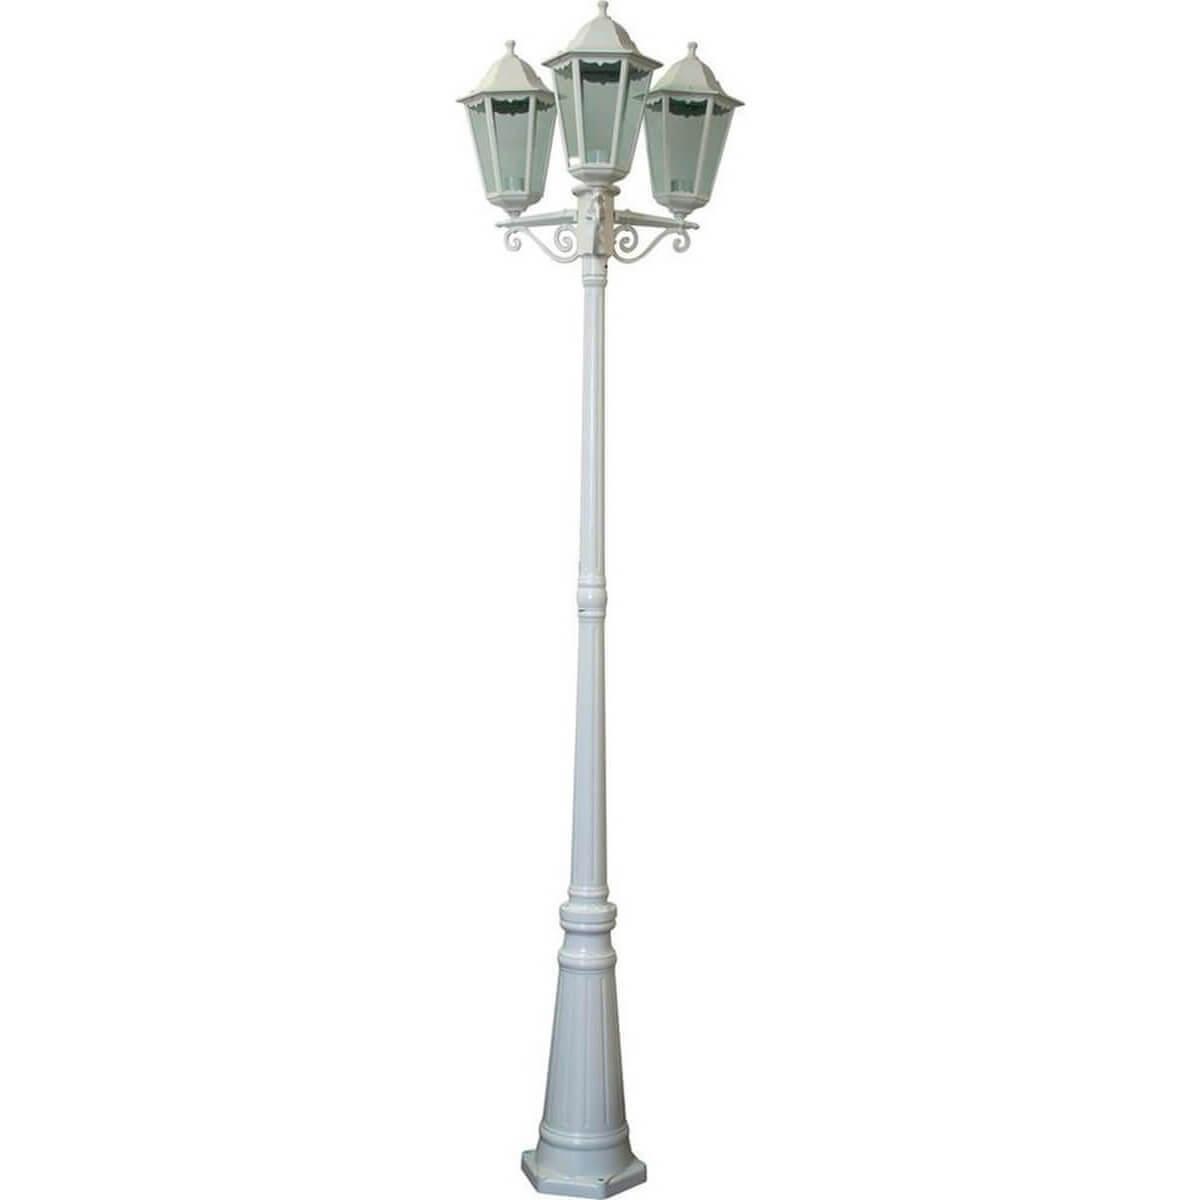 цена Садово-парковый светильник Feron 6215 11079 онлайн в 2017 году